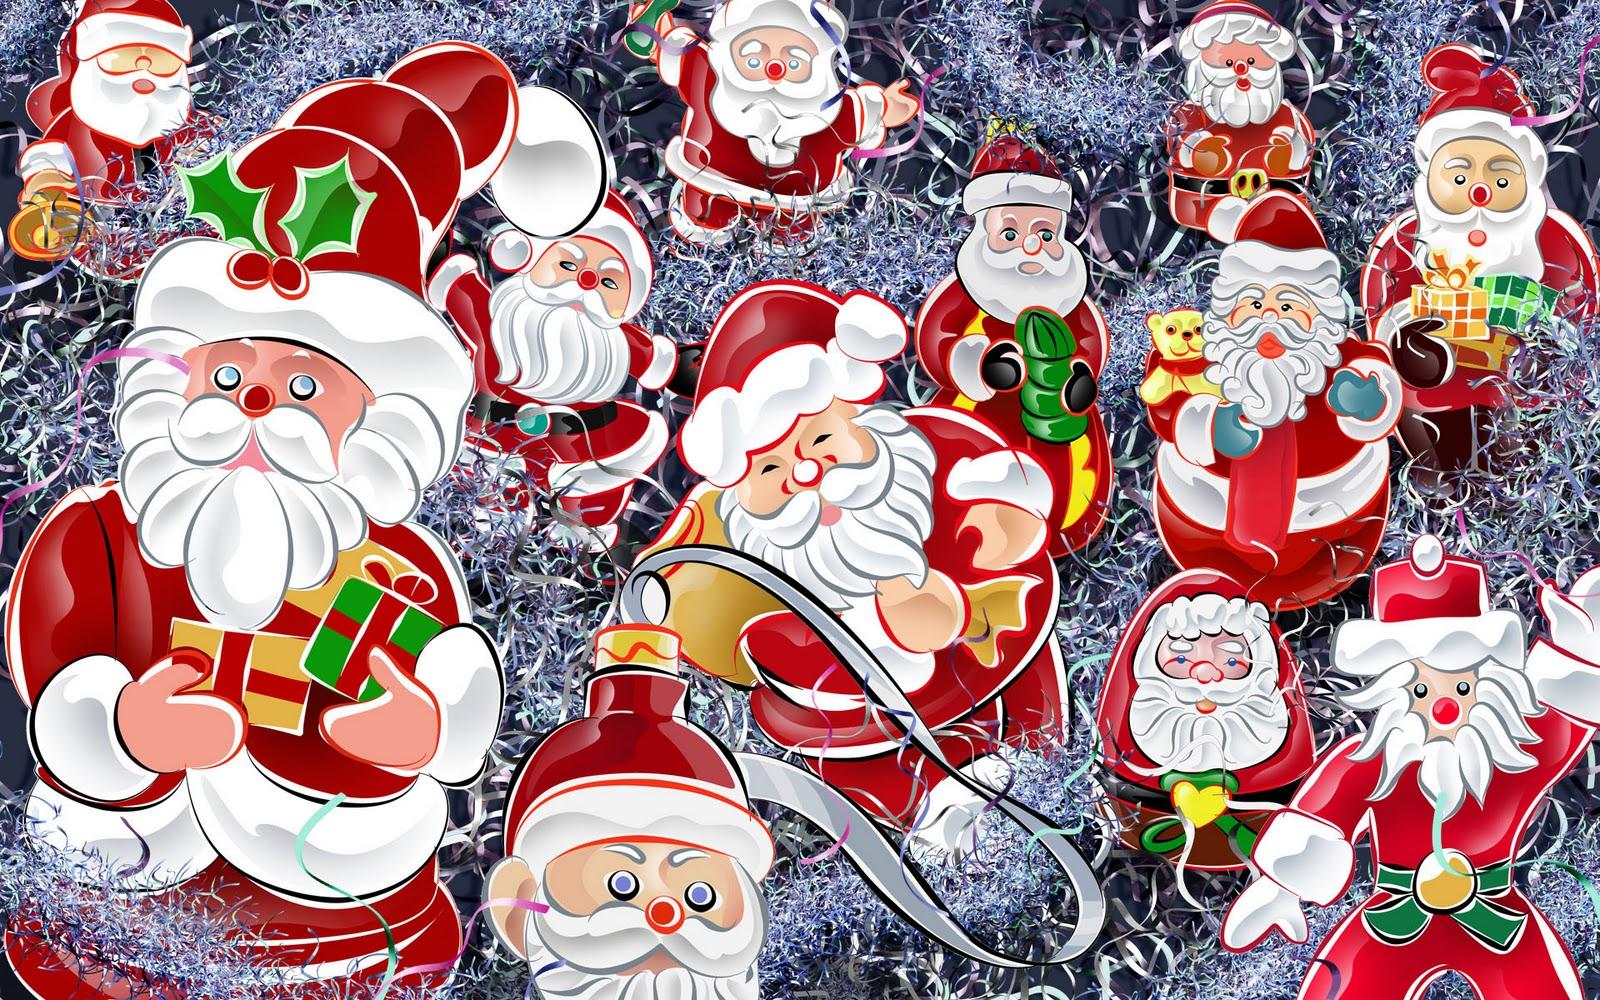 http://4.bp.blogspot.com/-1J3R6NyWYW4/Tq_Sn-JN22I/AAAAAAAAP1A/EM12xcP8Bv8/s1600/Mooie-kerstman-achtergronden-leuke-kerstman-wallpapers-afbeelding-plaatje-foto-4.jpg